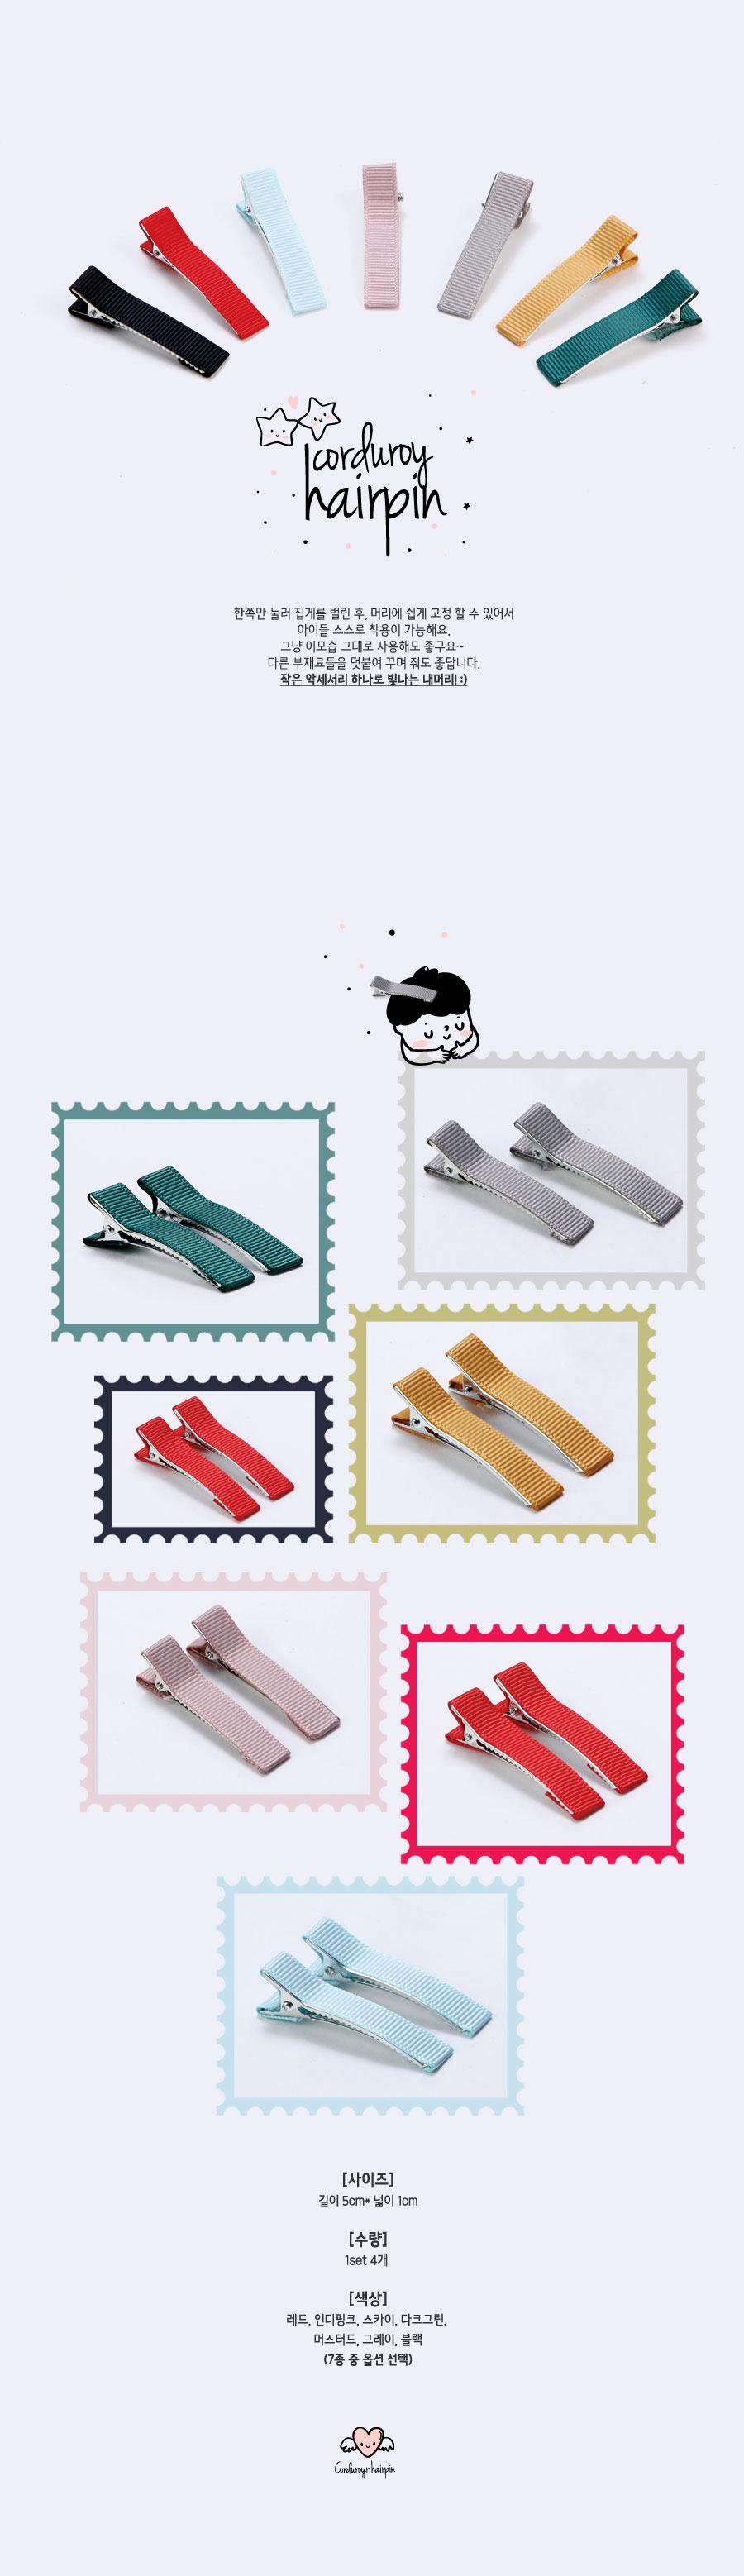 머리핀대(4개) - 아트랄라, 1,000원, 전통/염색공예, 기타소품 패키지